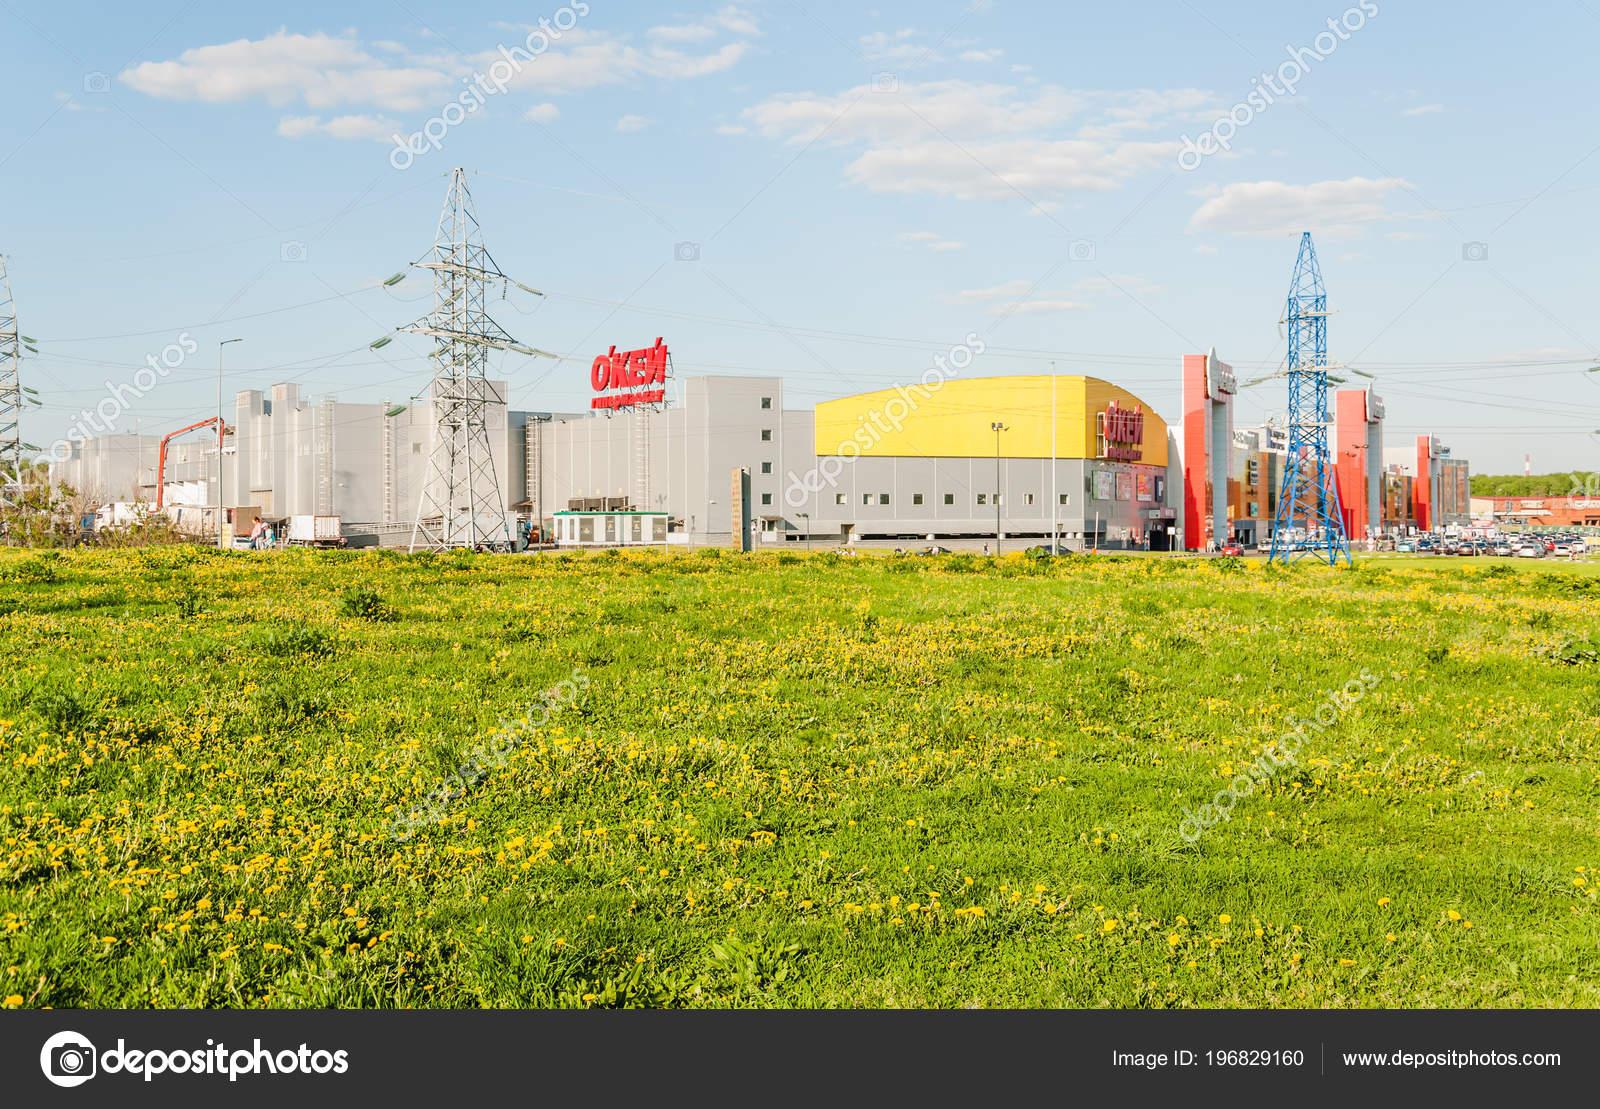 москва россия мая 2018 торгово развлекательный центр вясна